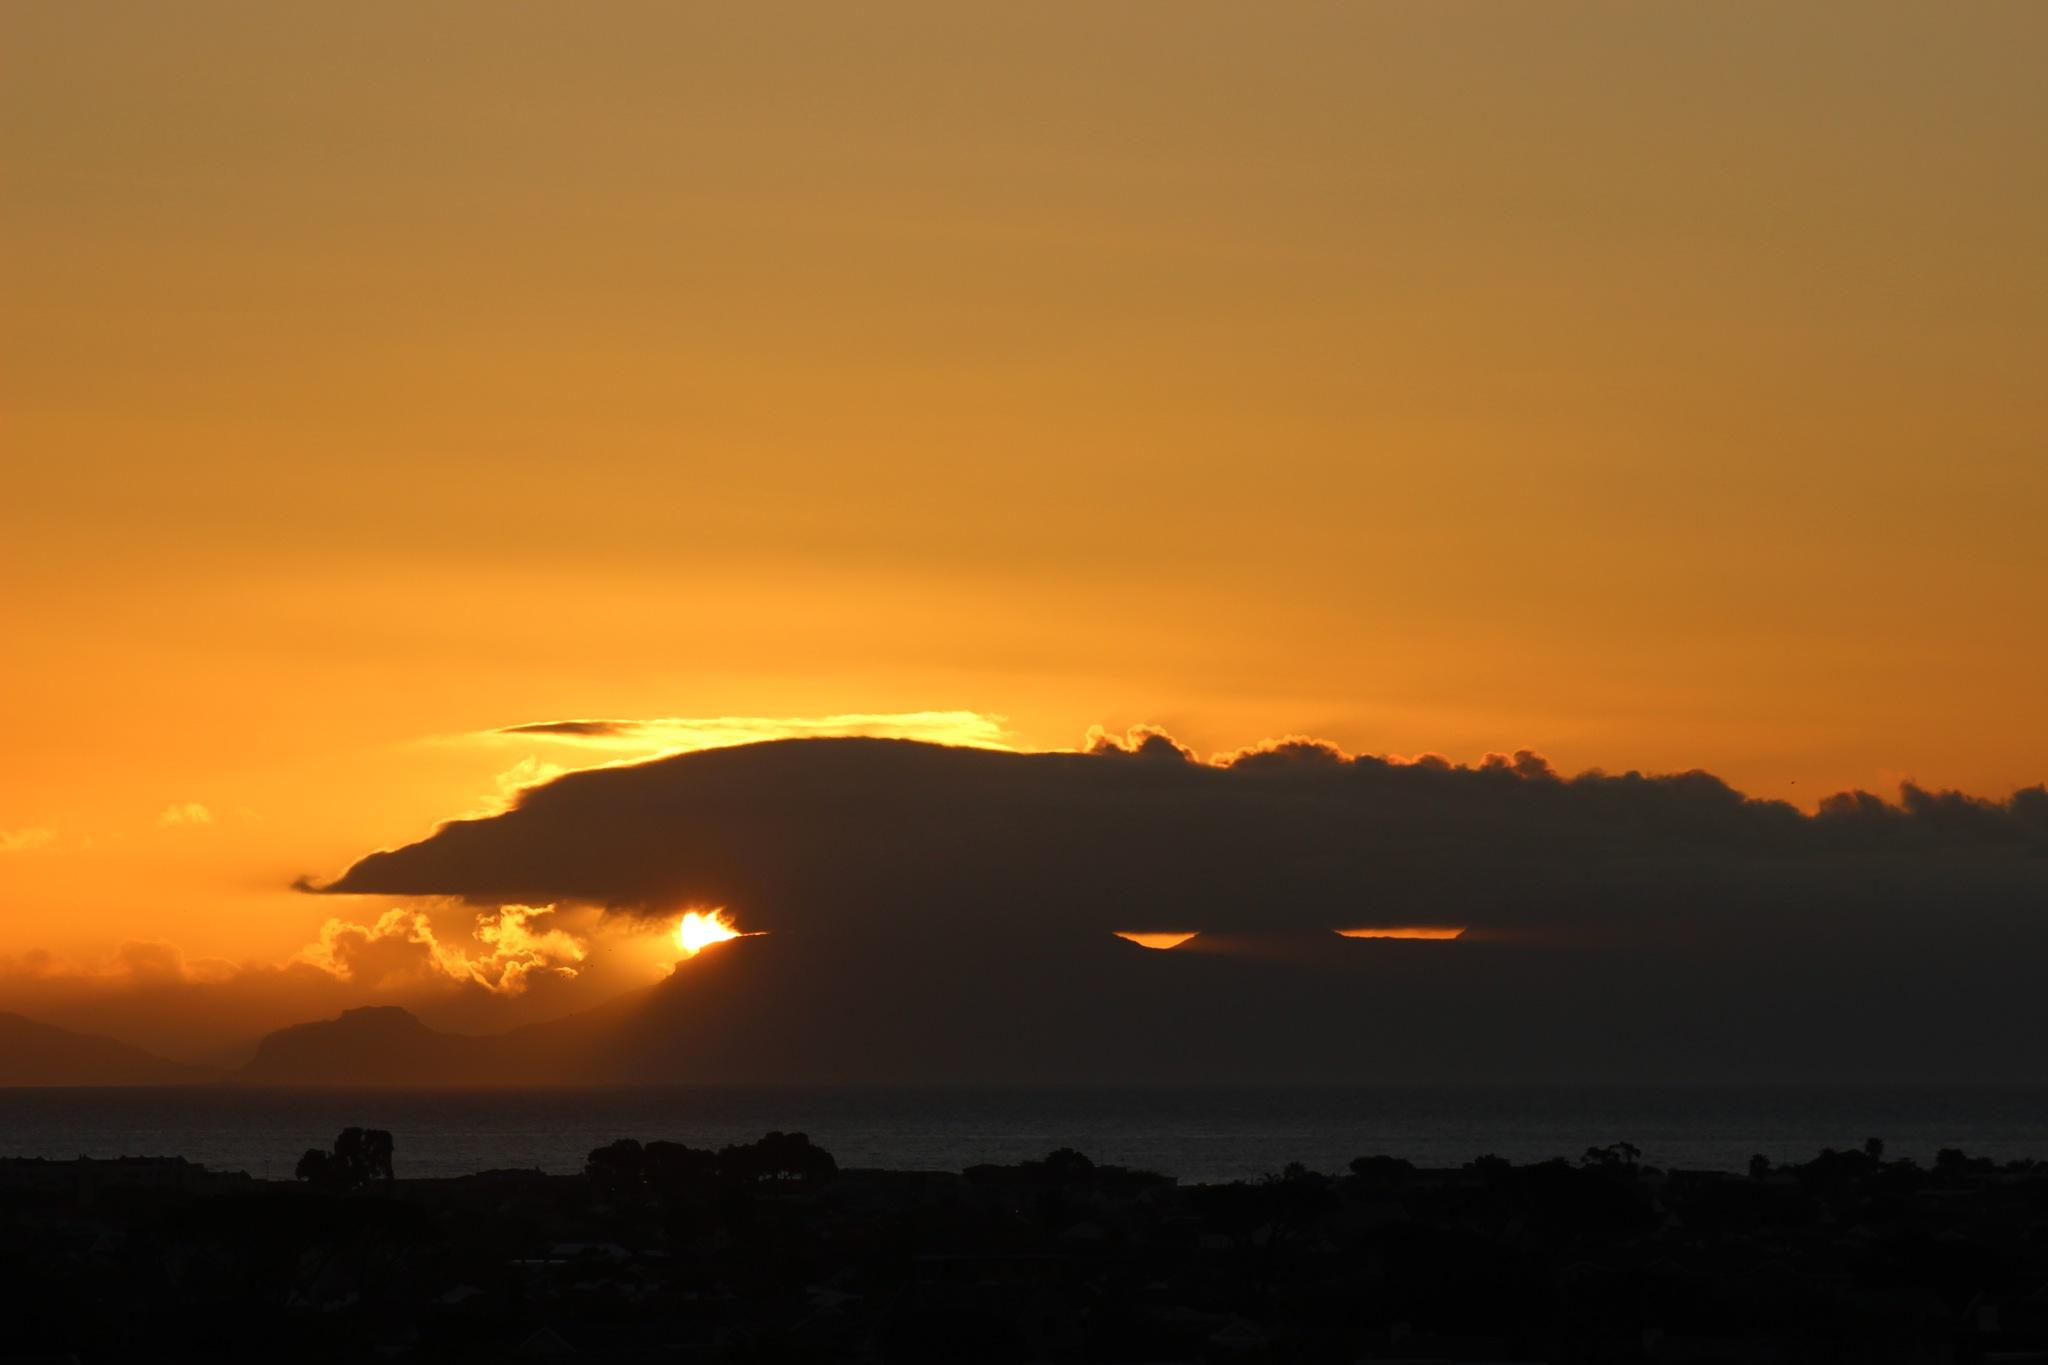 SUNSET by Zorana Zee Grobbelaar